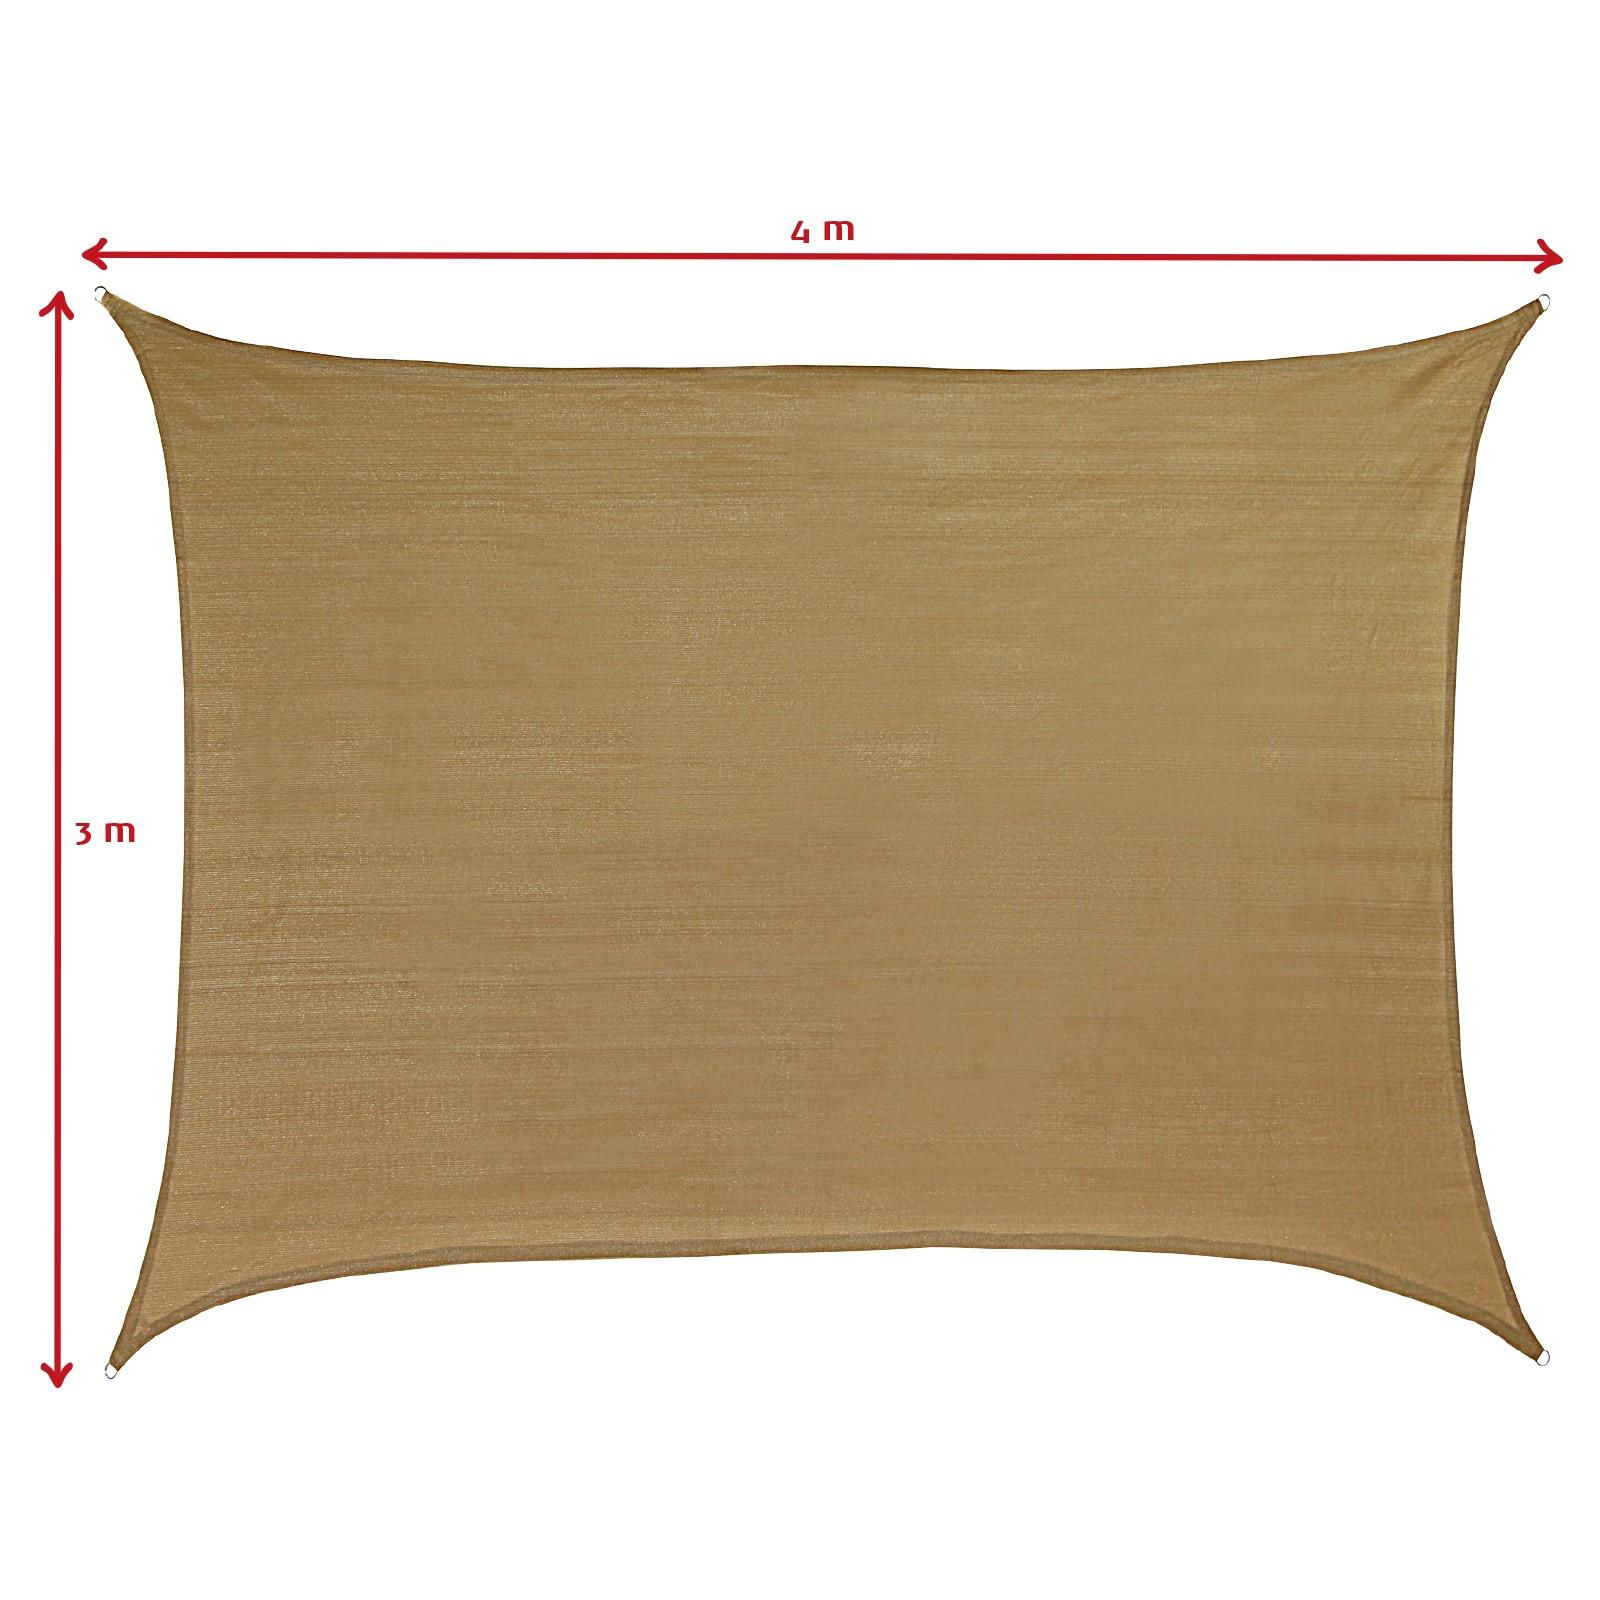 sonnensegel sonnenschutz shadow 3x4m sonnendach uv schutz garten terasse balkon ebay. Black Bedroom Furniture Sets. Home Design Ideas